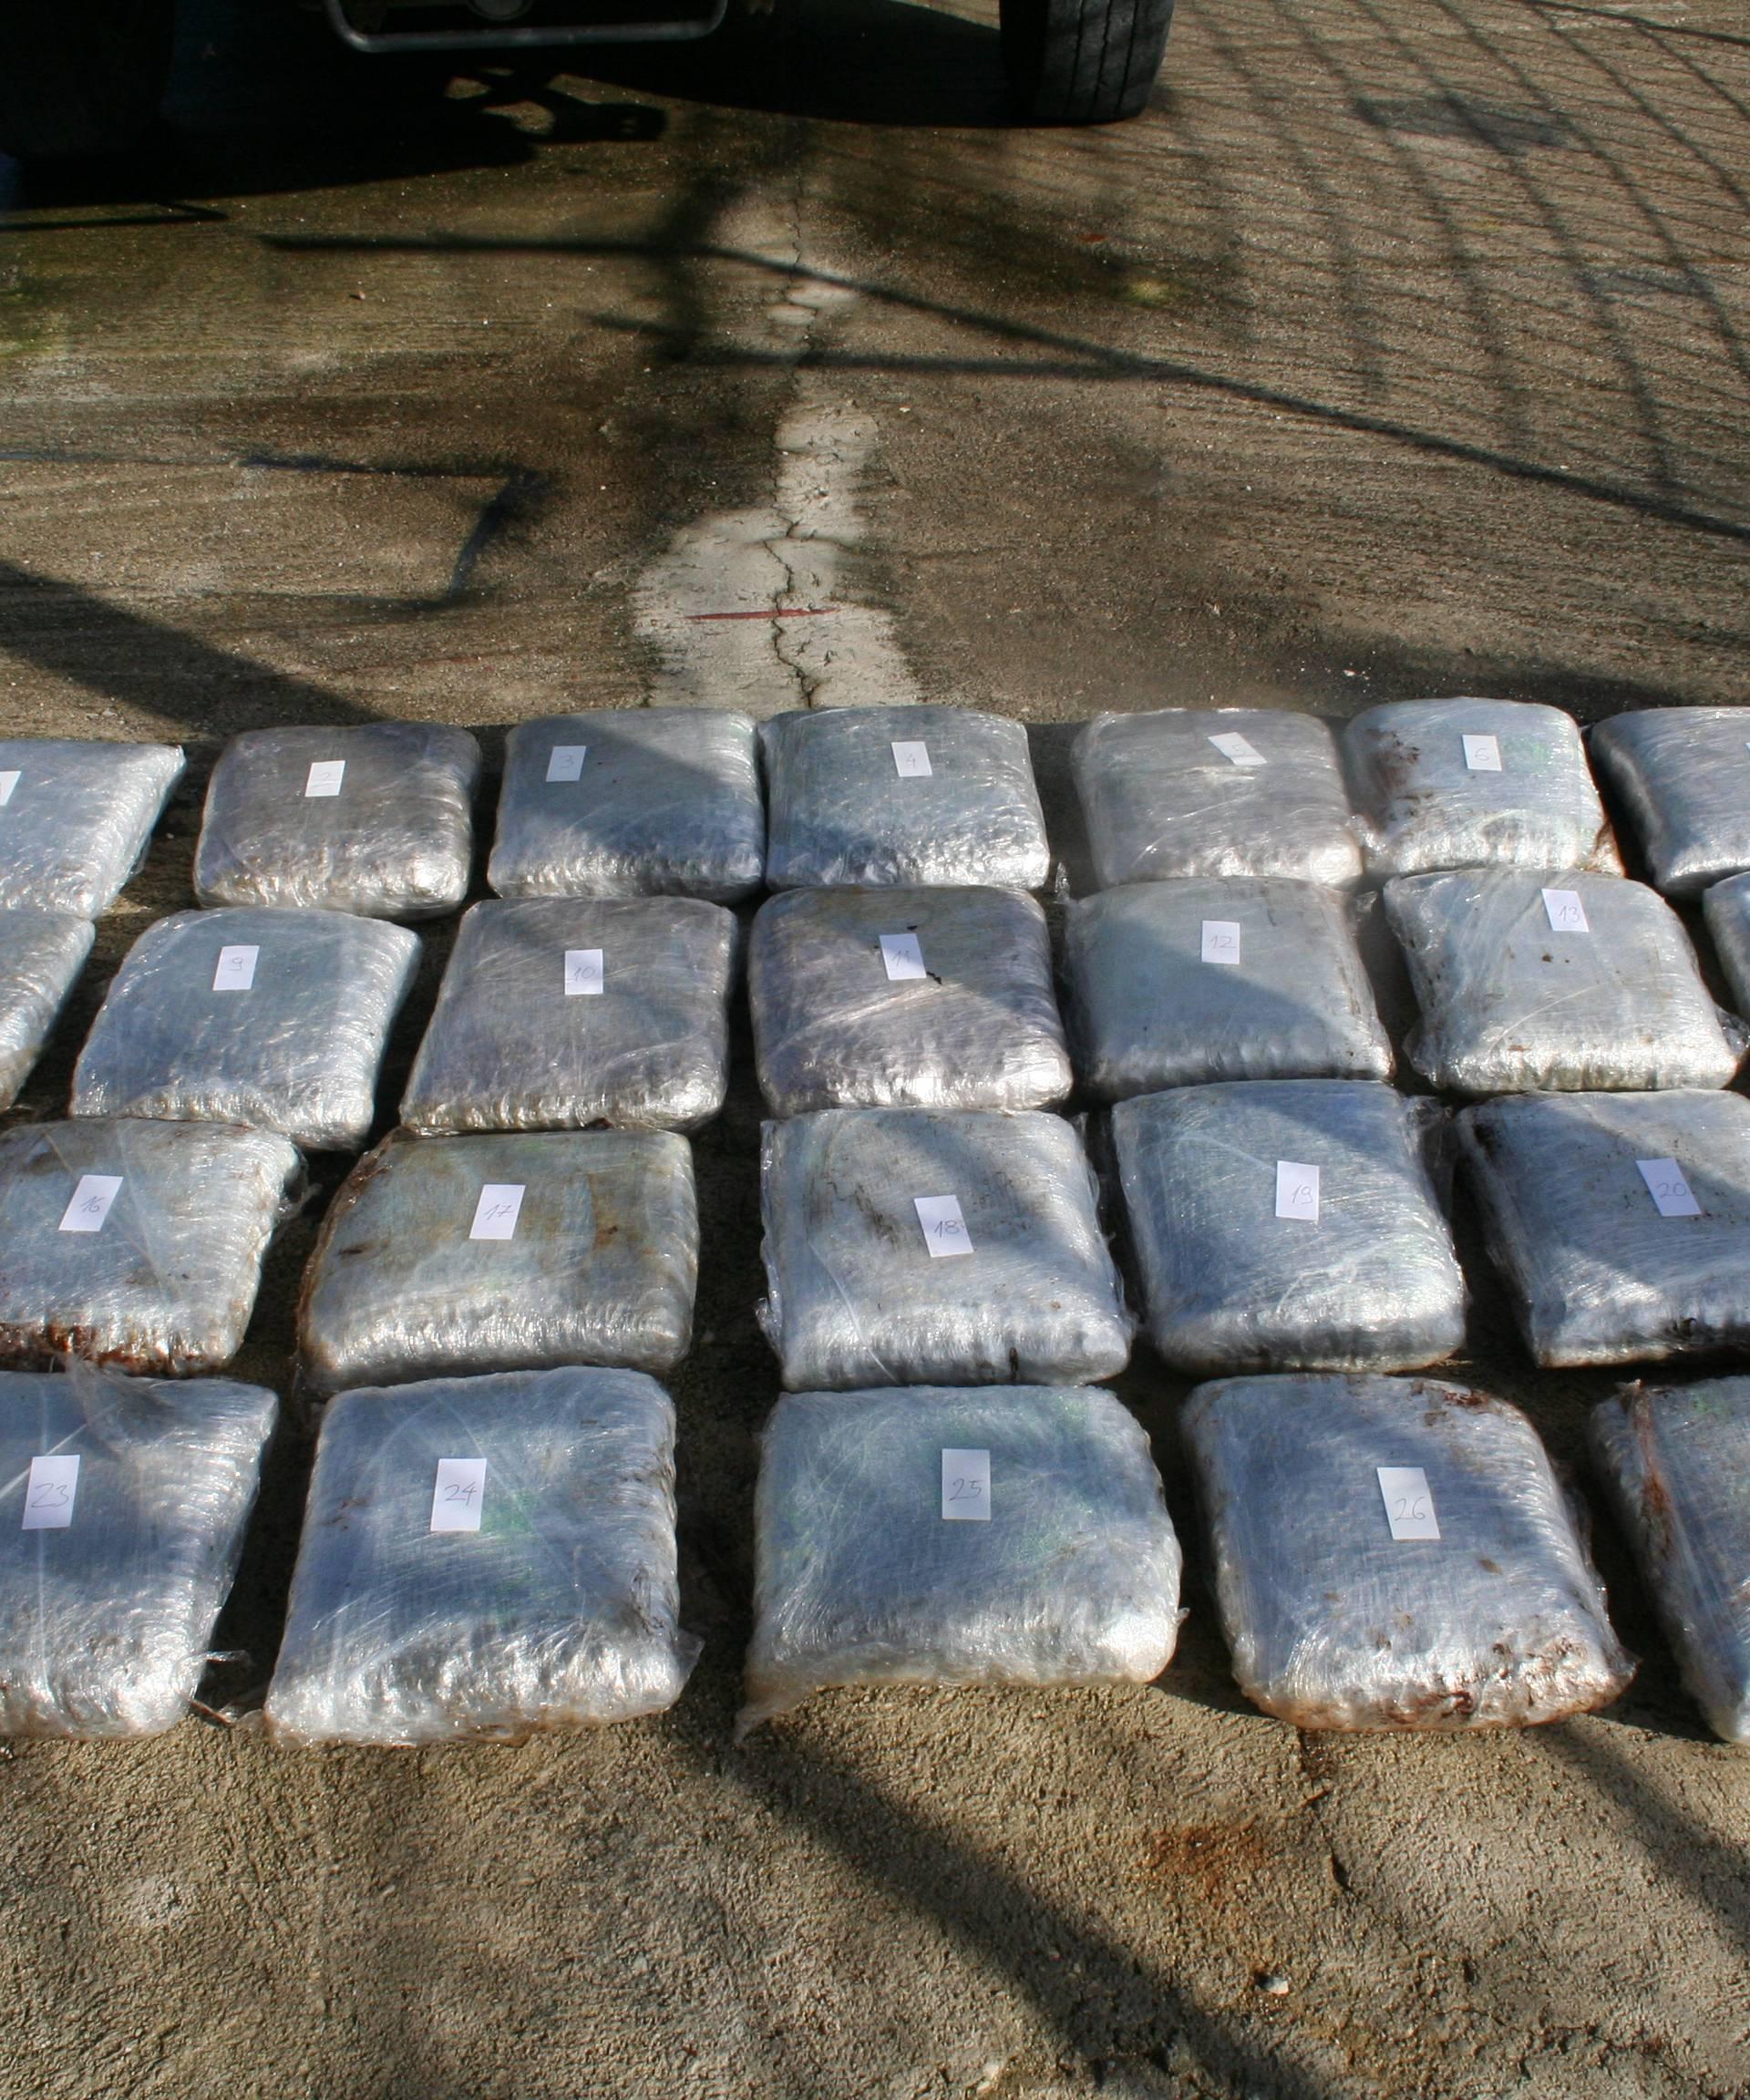 Albanci pokušali prošvercati 12,7 kila 'marice' u Hrvatsku